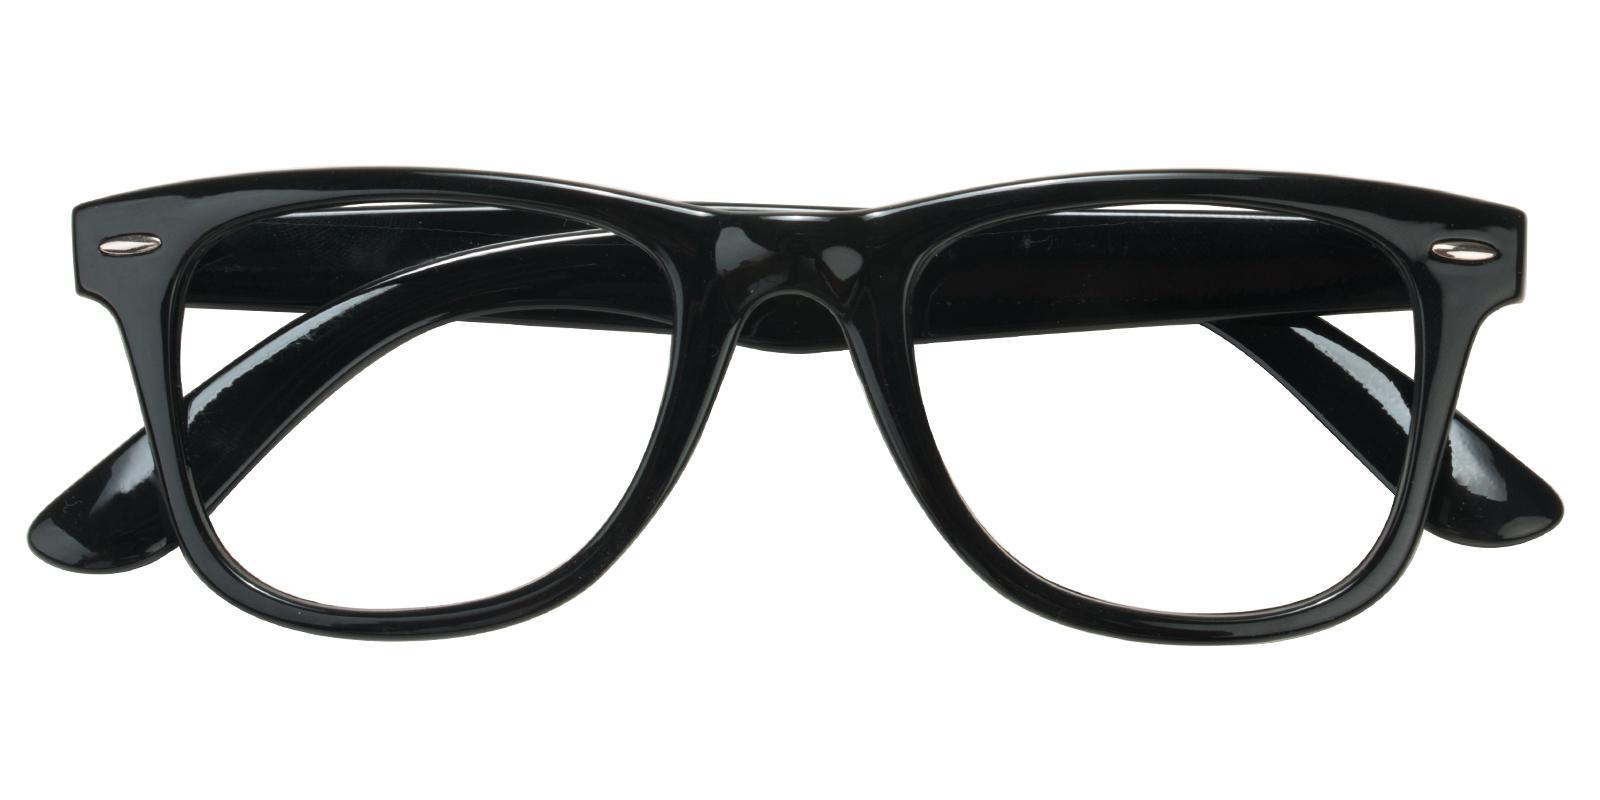 Smither Black Plastic Eyeglasses , UniversalBridgeFit Frames from ABBE Glasses